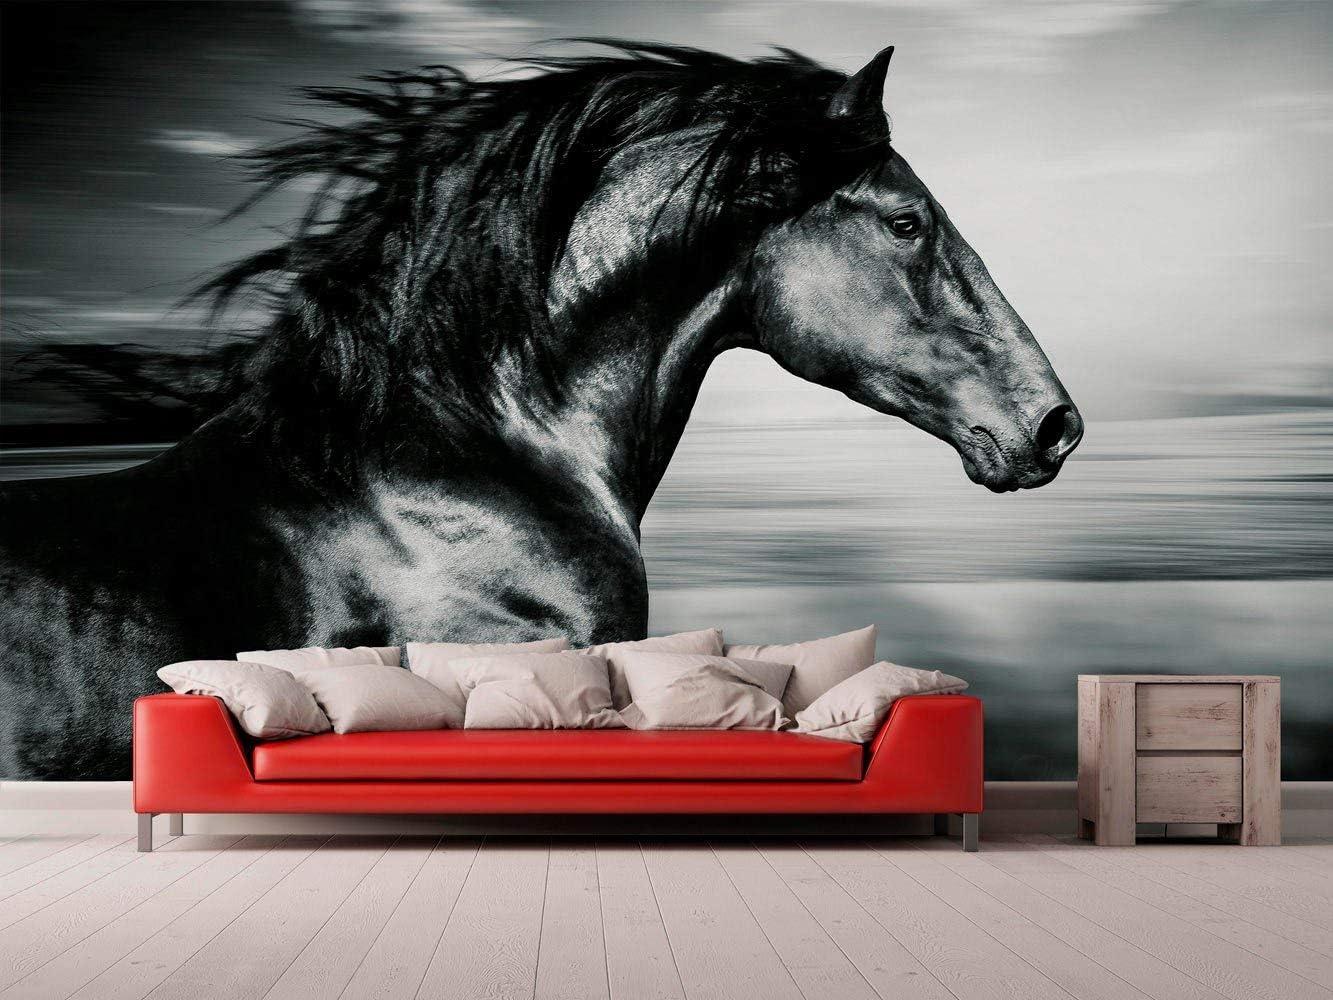 Papel Pintado para Pared Caballo Negro | Fotomural para Paredes | Mural | Papel Pintado | Varias Medidas 150 x 100 cm | Decoración comedores, Salones, Habitaciones.